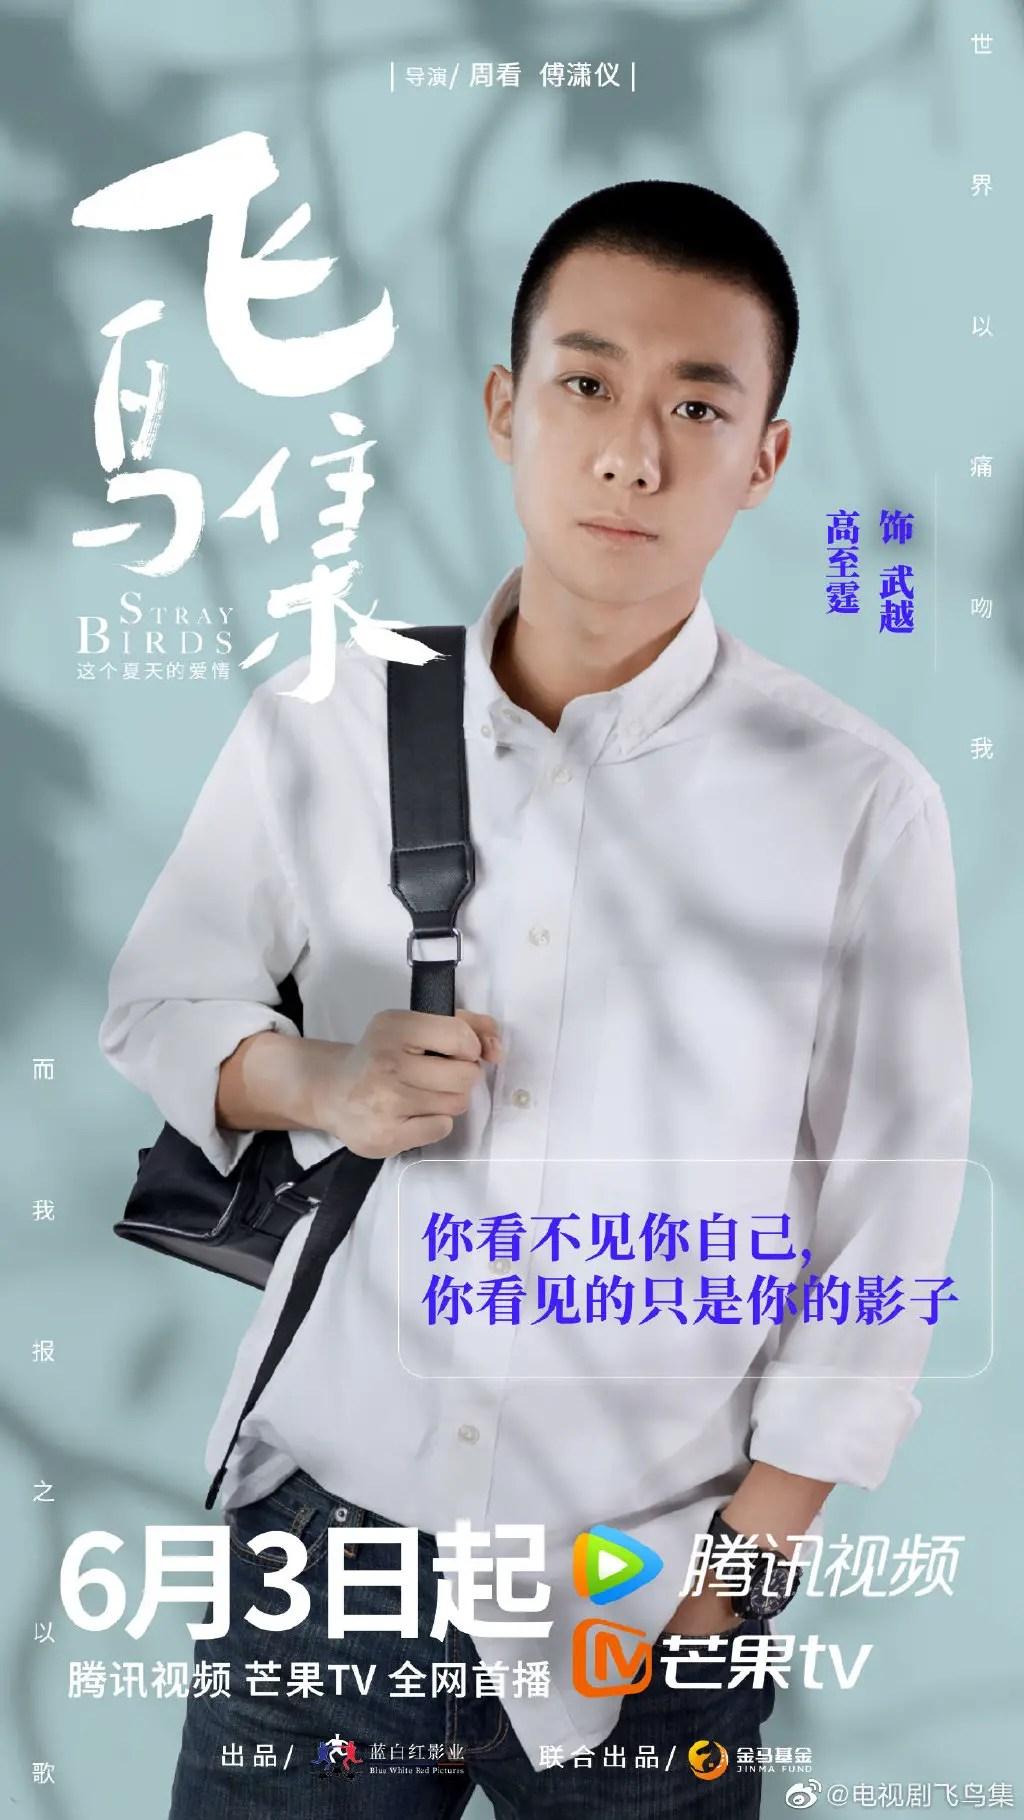 Gao Zhi Ting